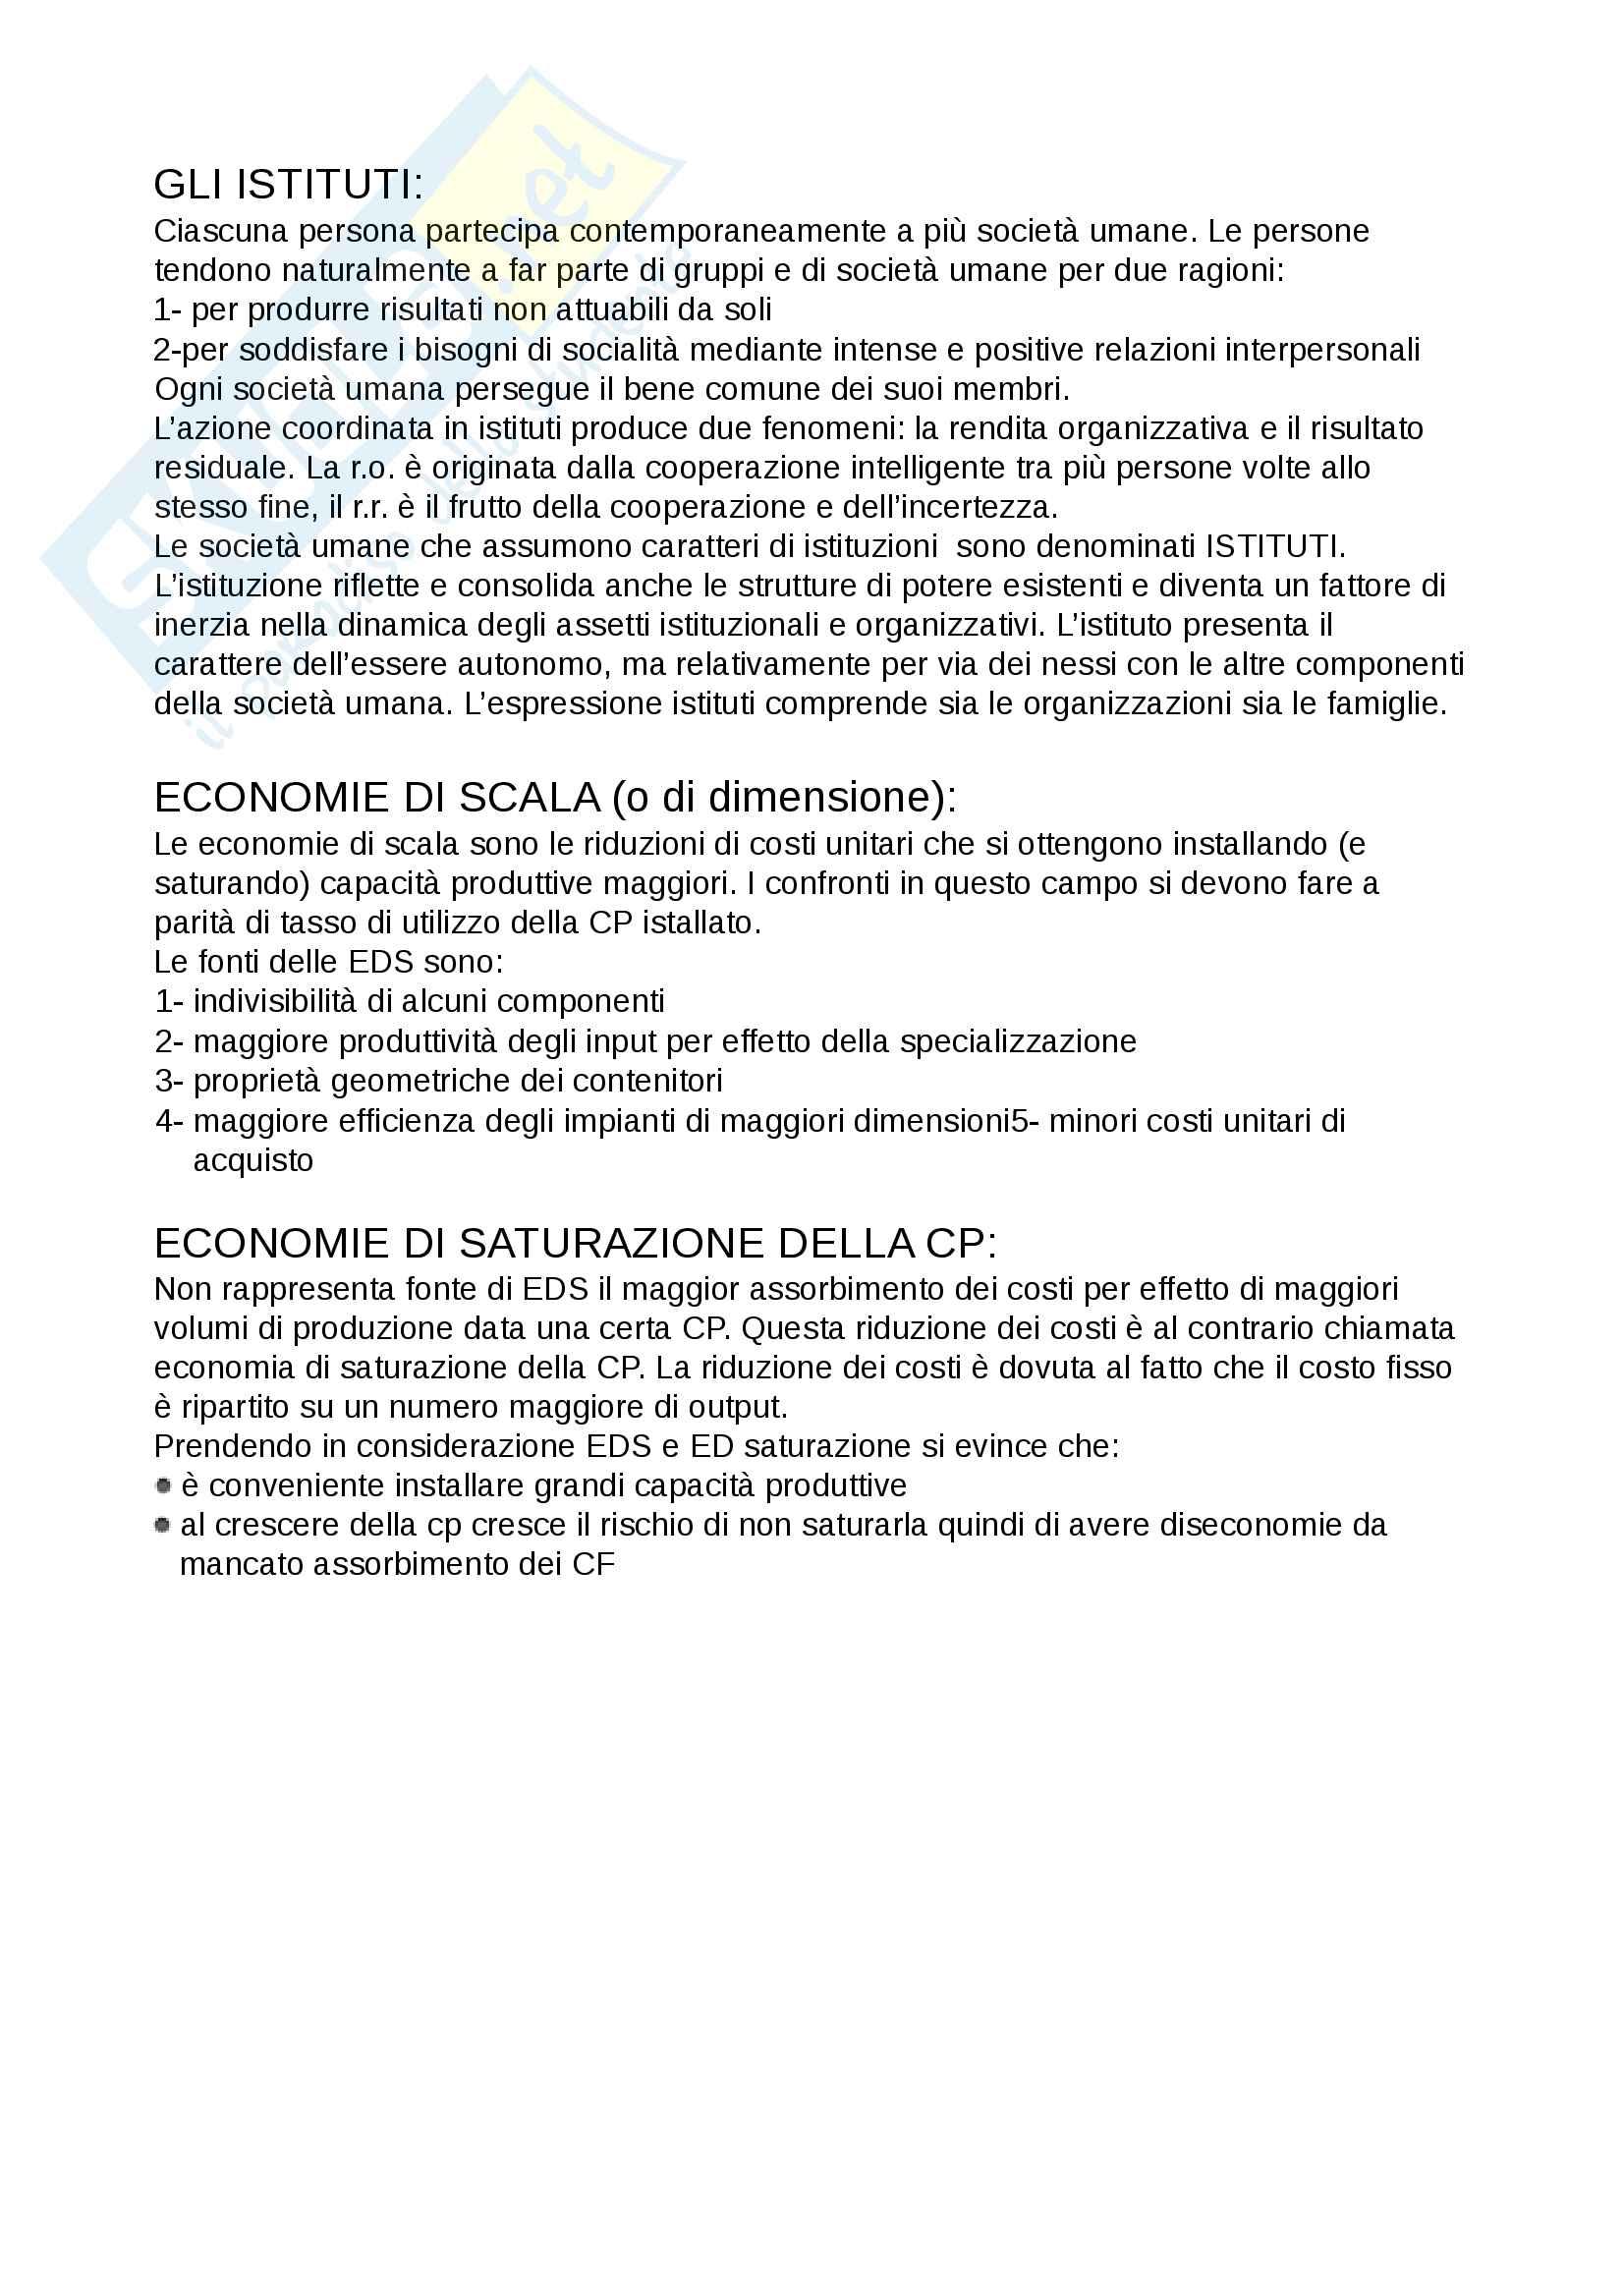 Riassunto per l'esame di Economia aziendale, prof Parolini, libro consigliato Airoldi, Brunetti Coda Pag. 2